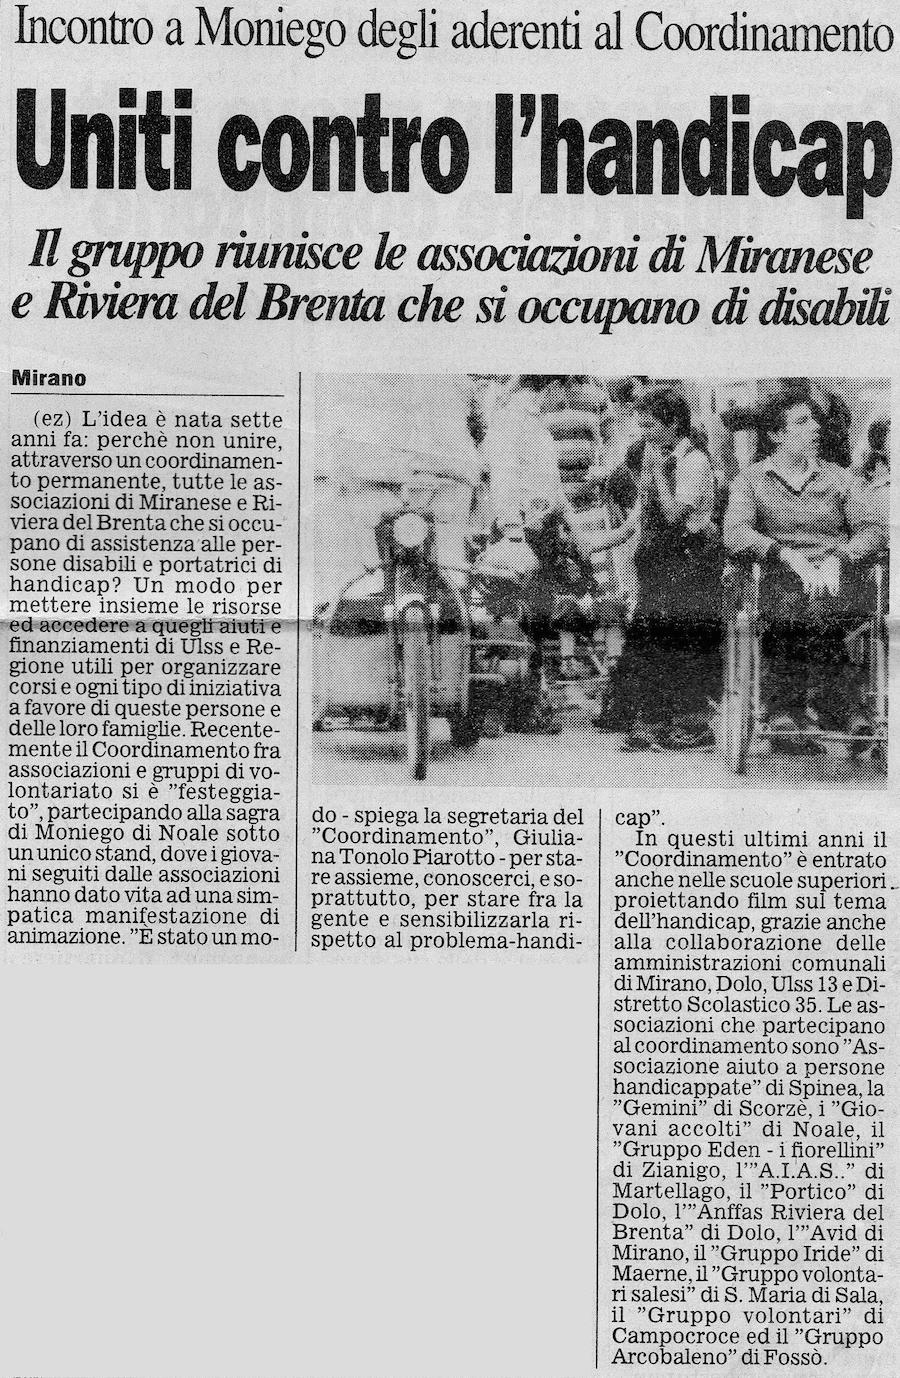 1996.05.26 il Gazzettino di Venezia (p. 19)